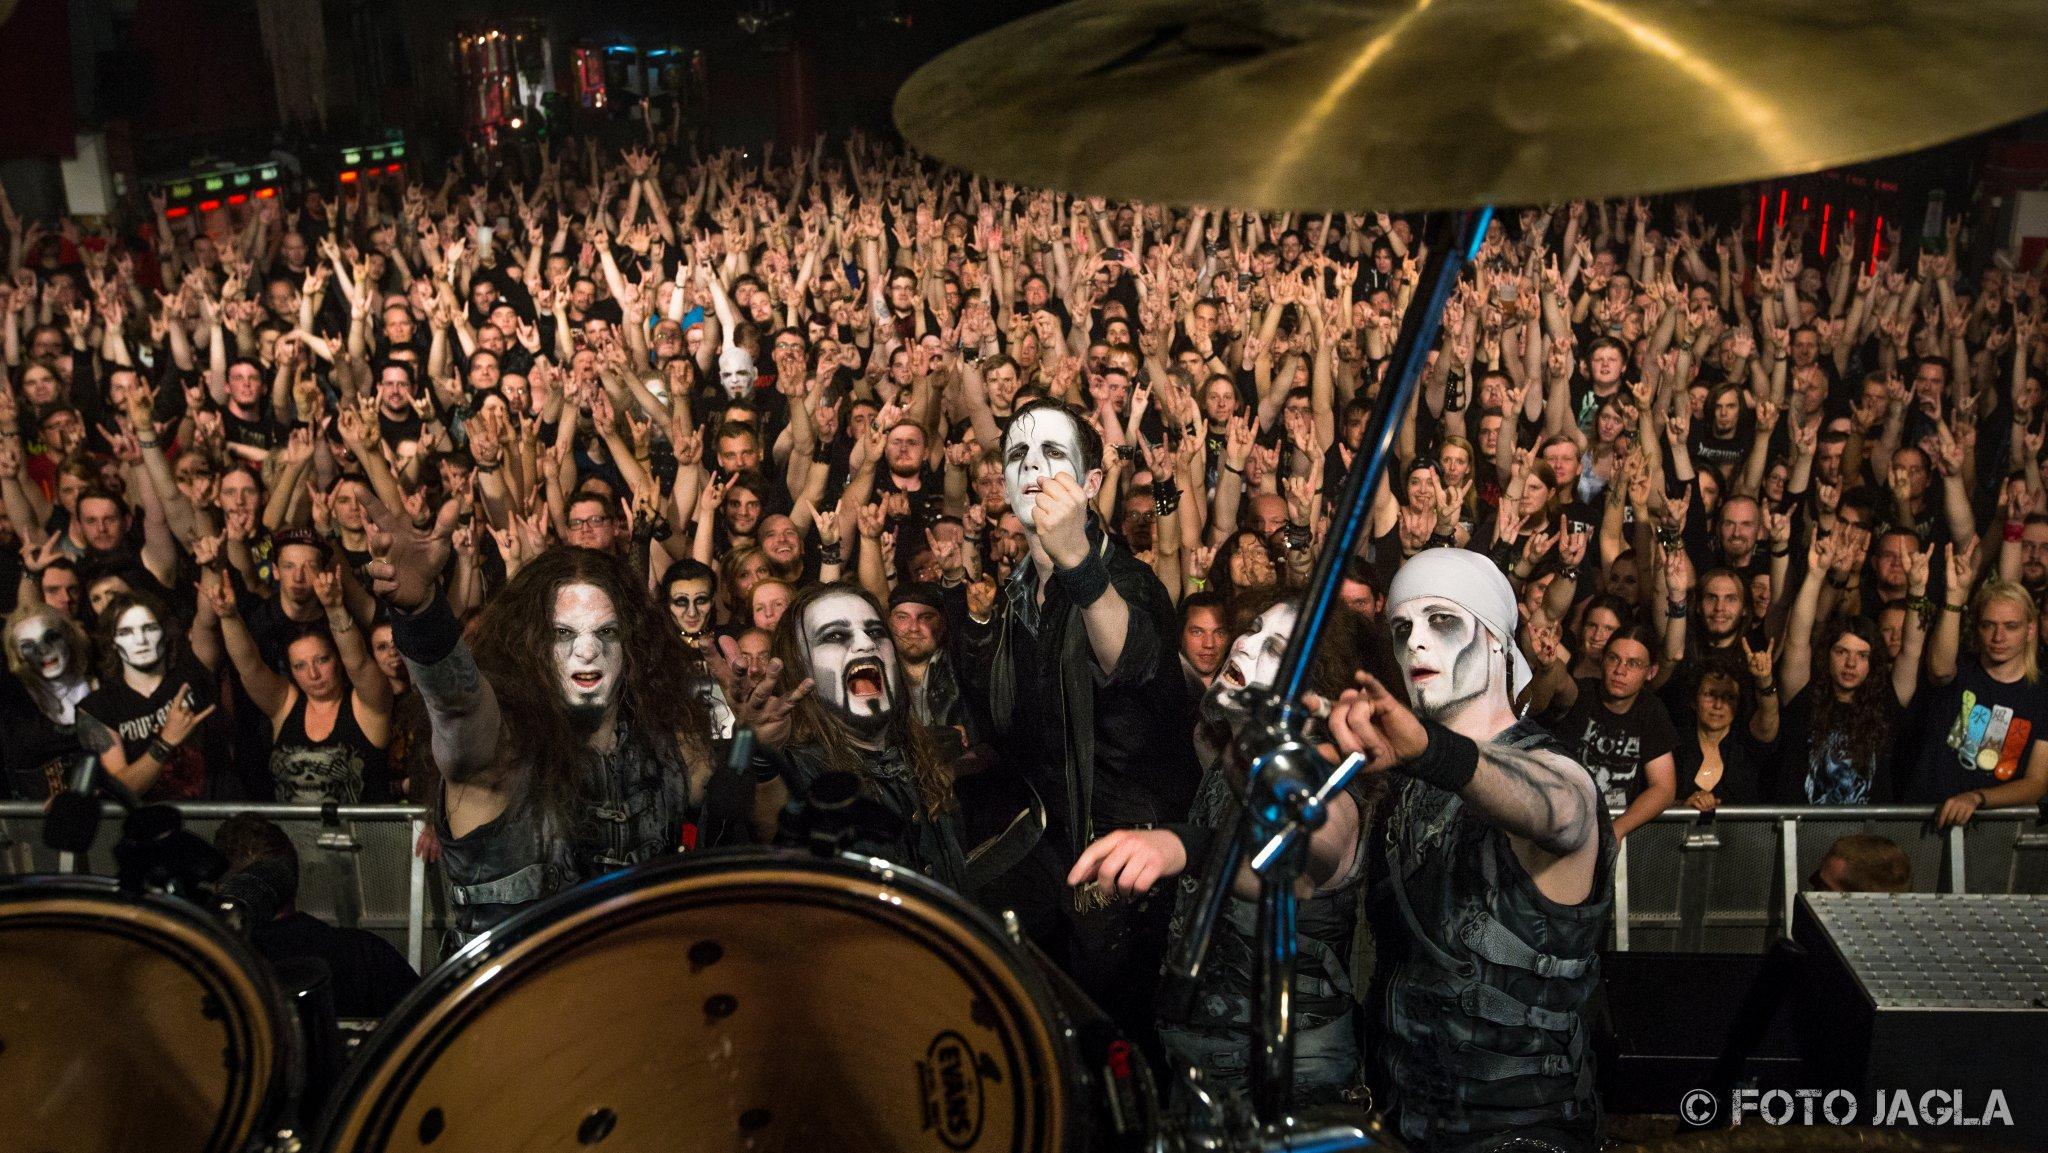 Abschlussfoto von Powerwolf auf ihrer Wolfsnächte Tour am 05.09.2015 in der Live Music Hall in Köln